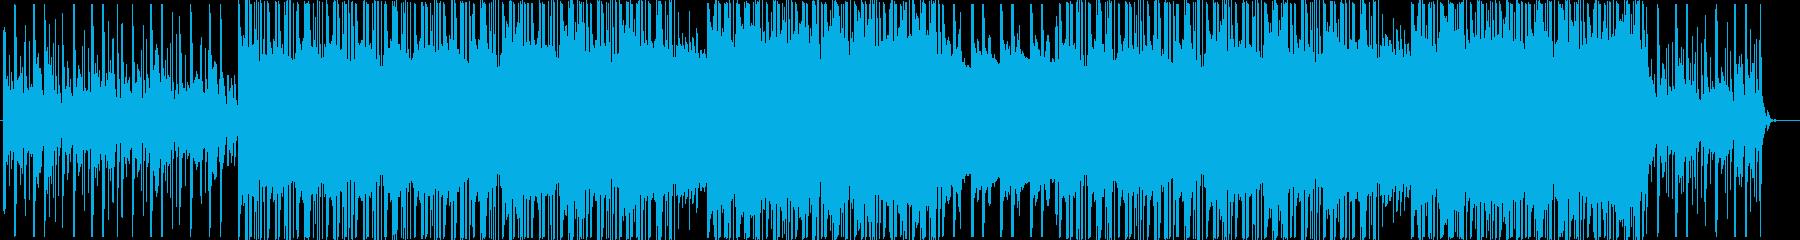 洋楽、チルアウト、民族楽器R&Bビート♫の再生済みの波形